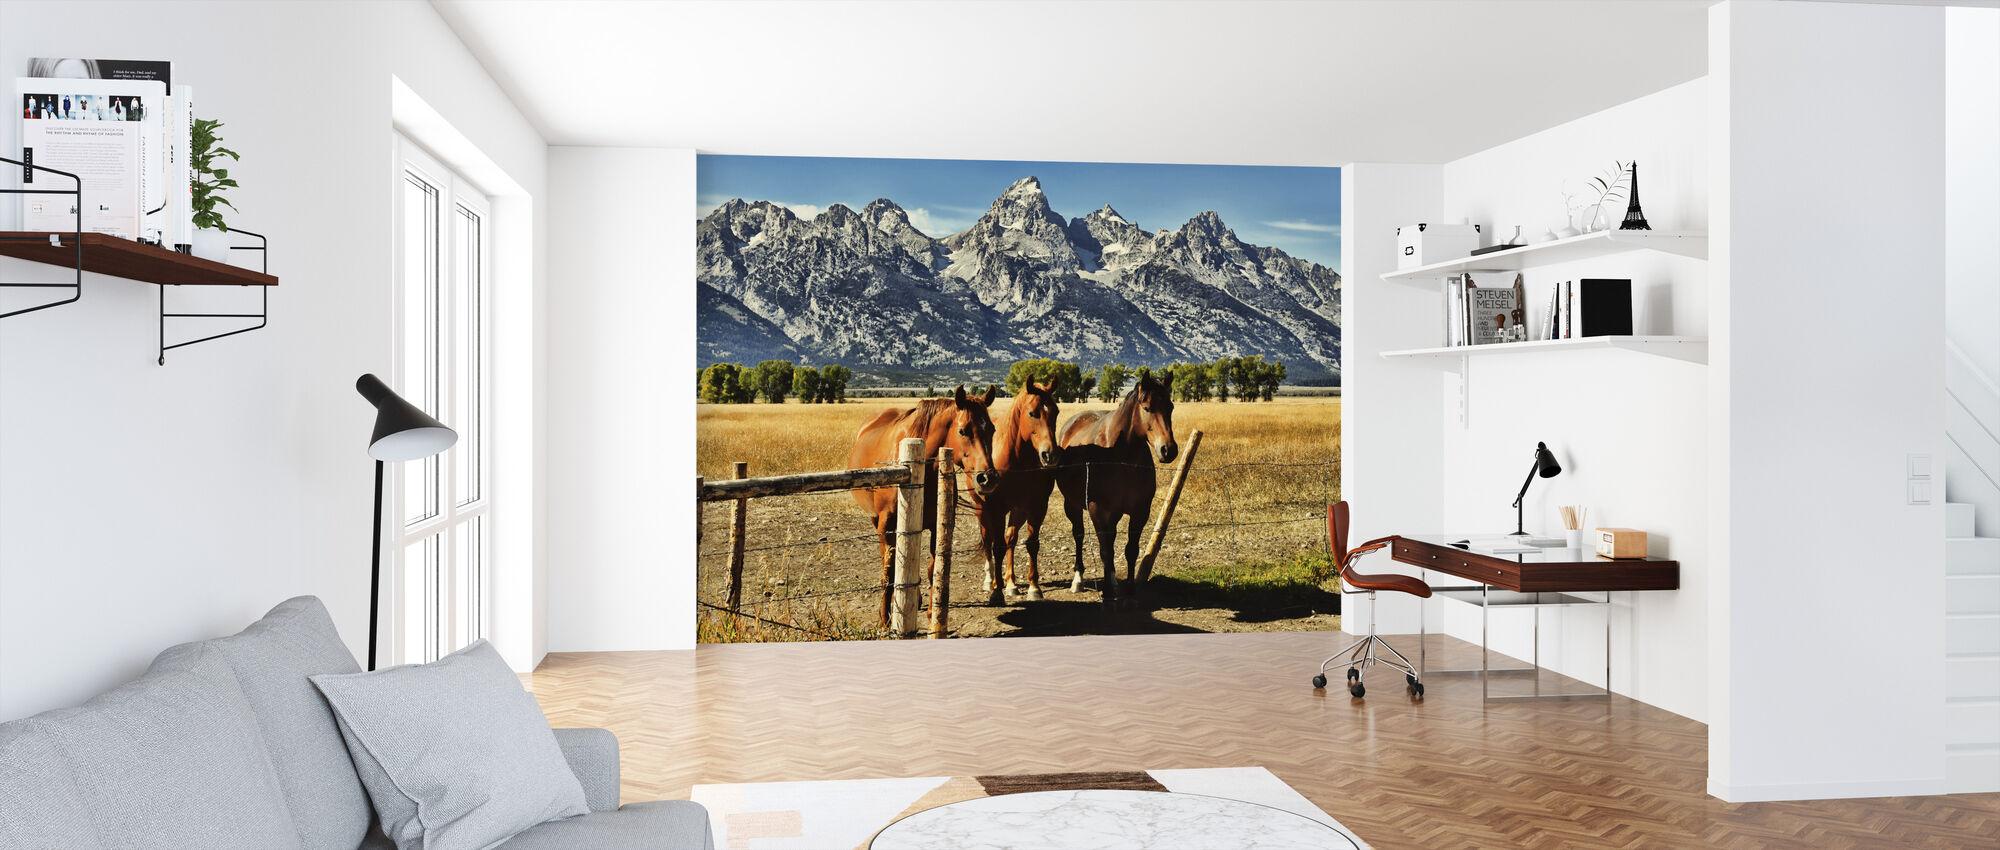 Trio foran Teton bjergkæde - Tapet - Kontor